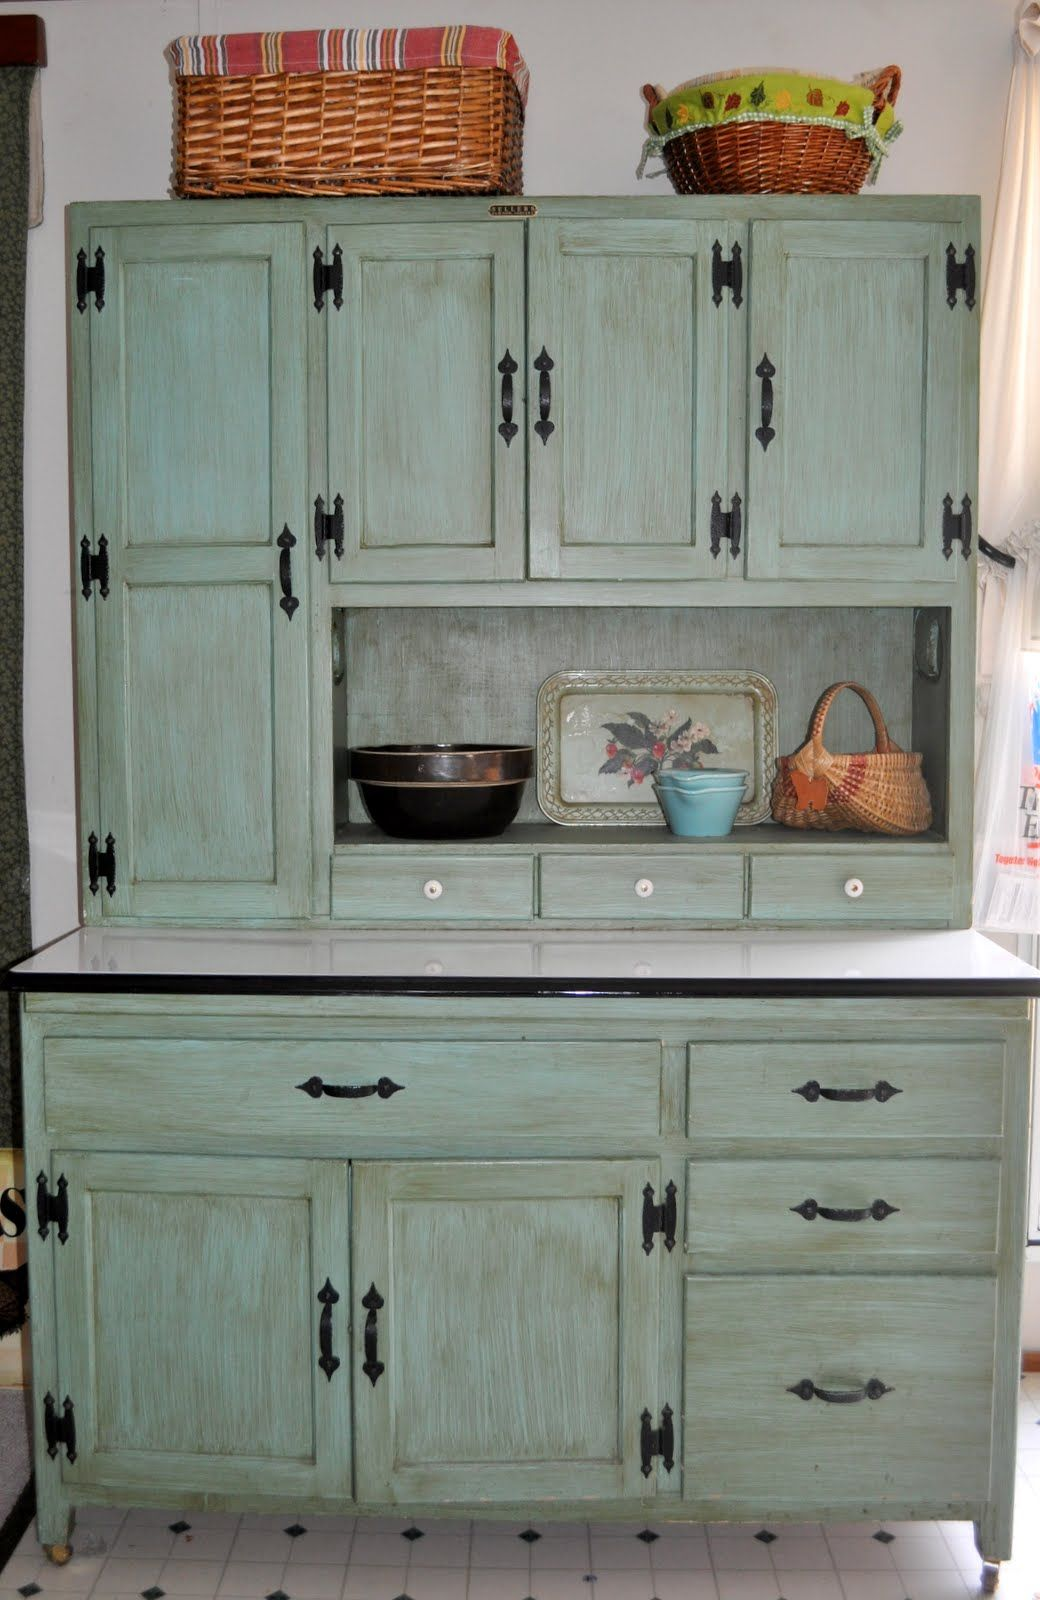 Hoosier Cupboard | Hoosier Cabinet! & Hoosier Cupboard | Hoosier Cabinet! | DIY Trash to Treasure Crafts ...